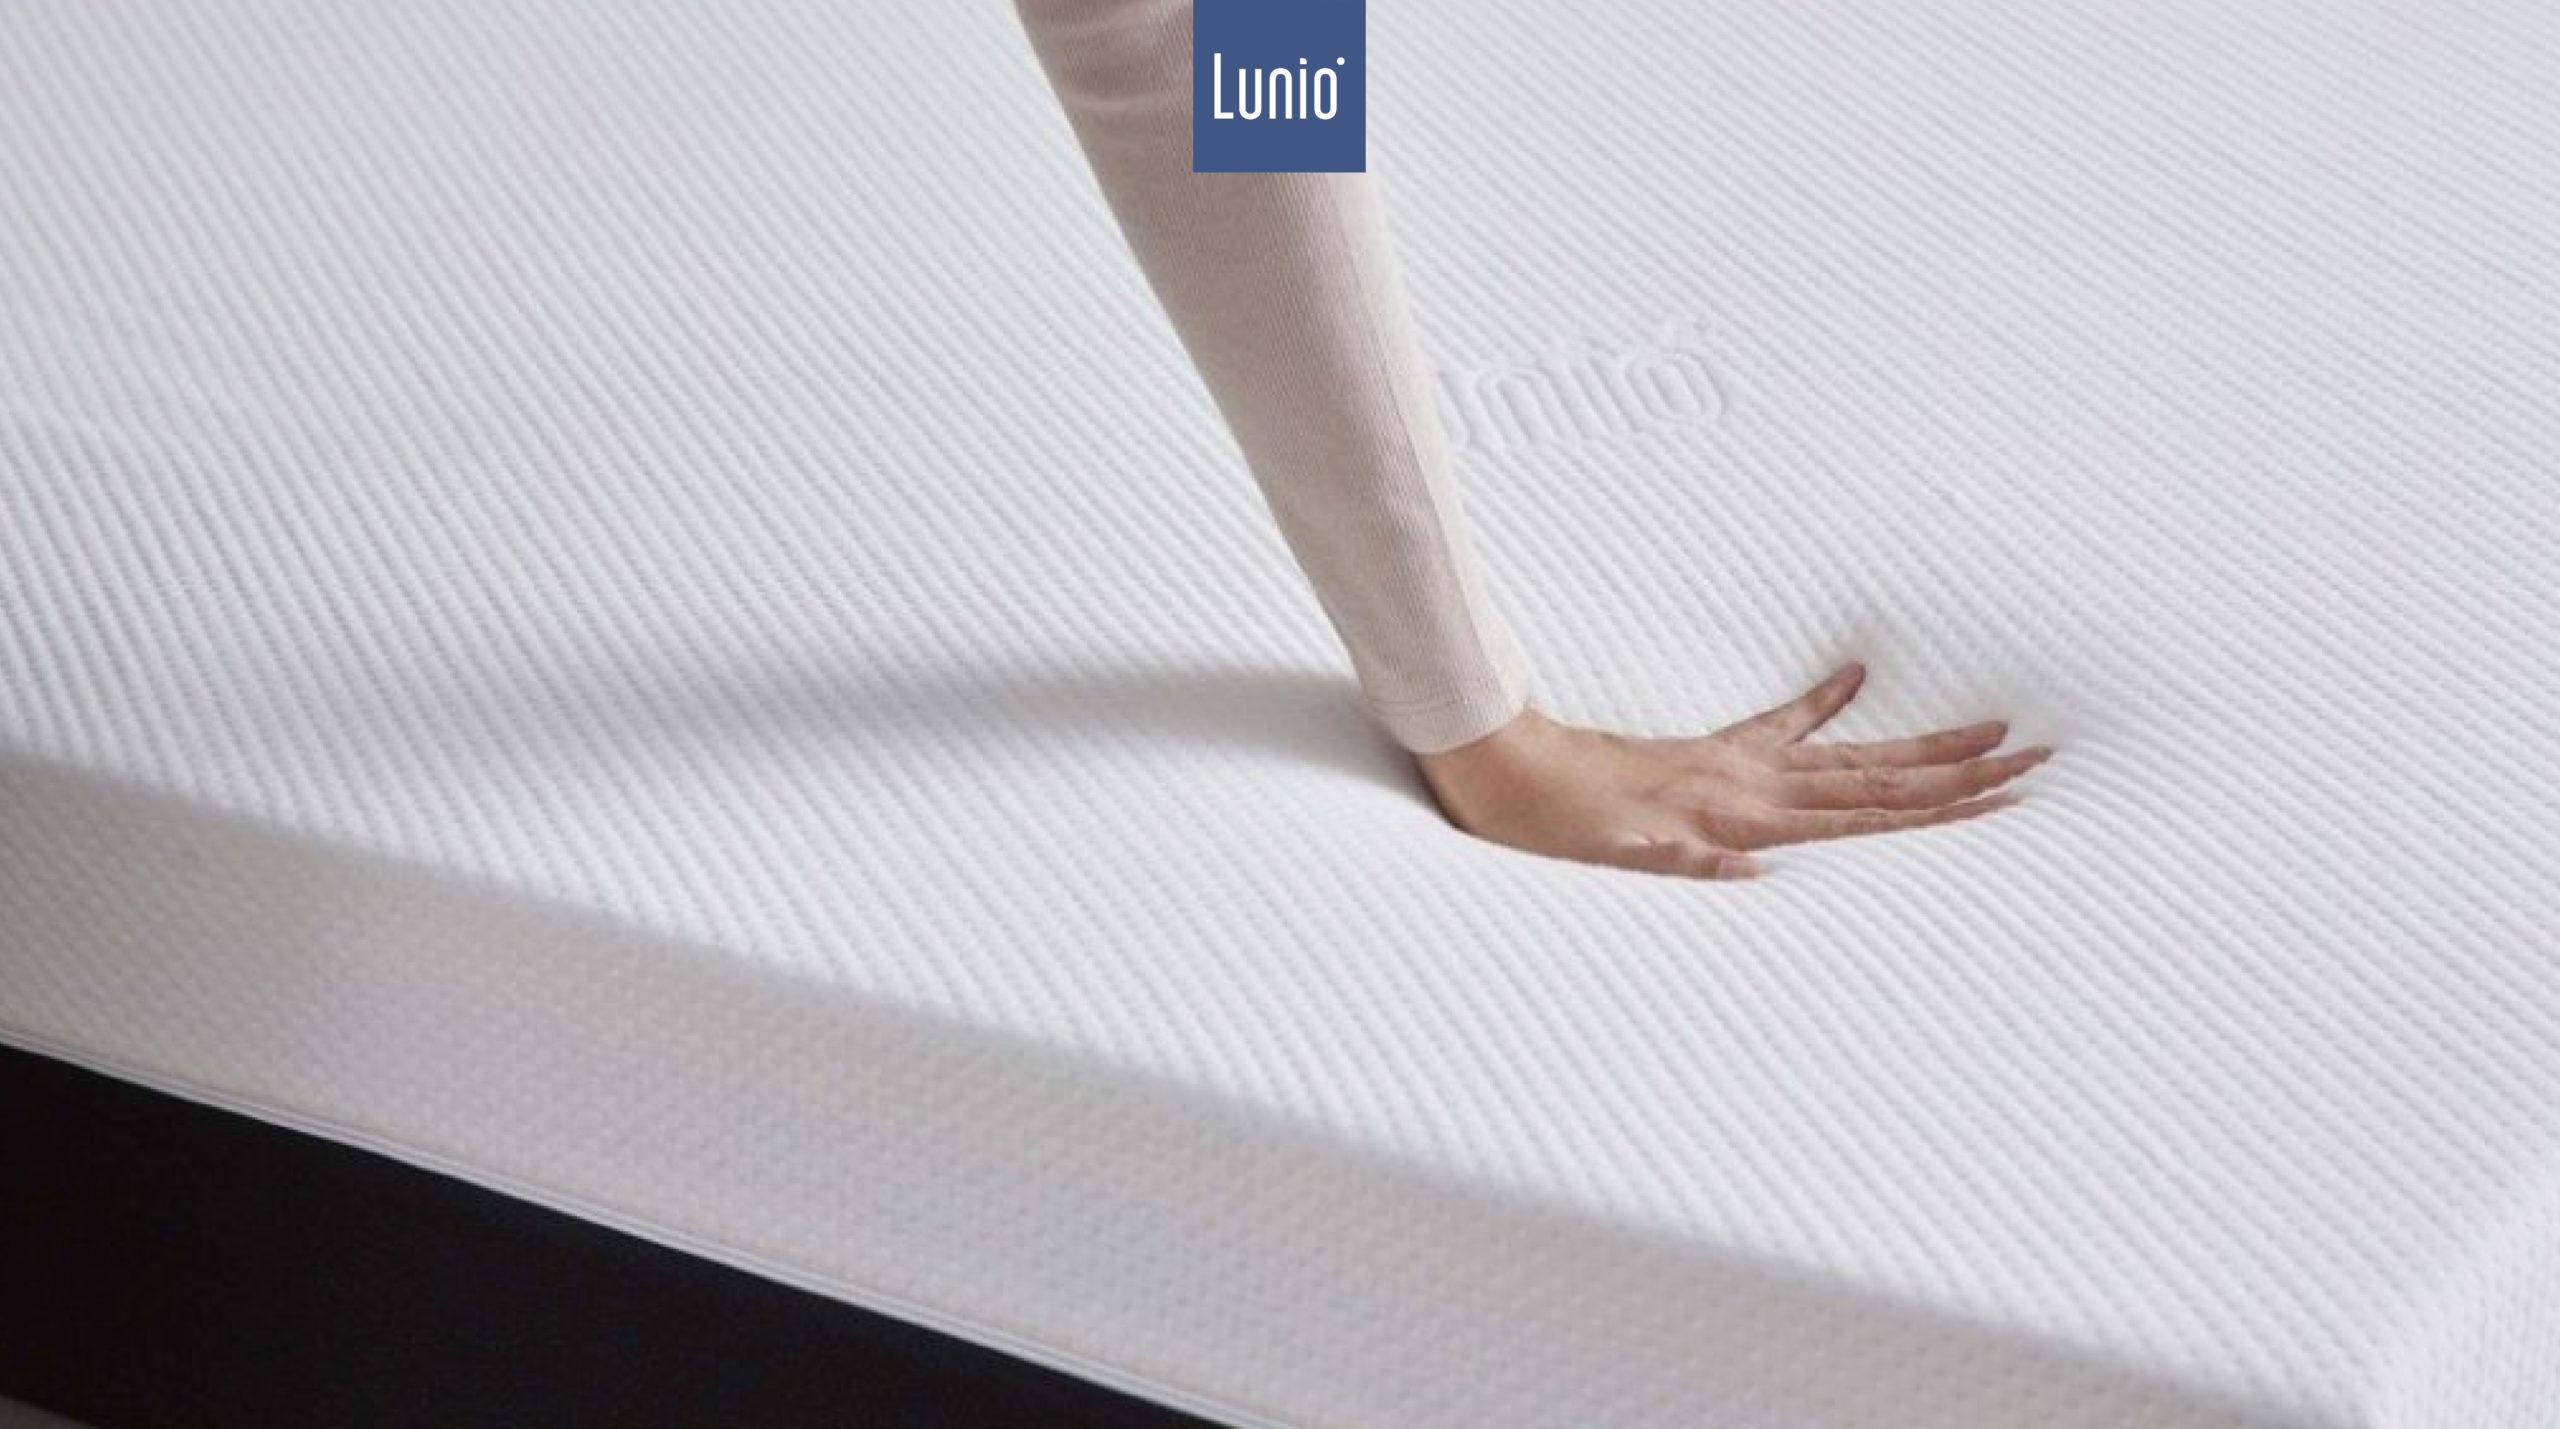 1091006 睡姿 Lunio天然乳膠床軟硬適中 scaled